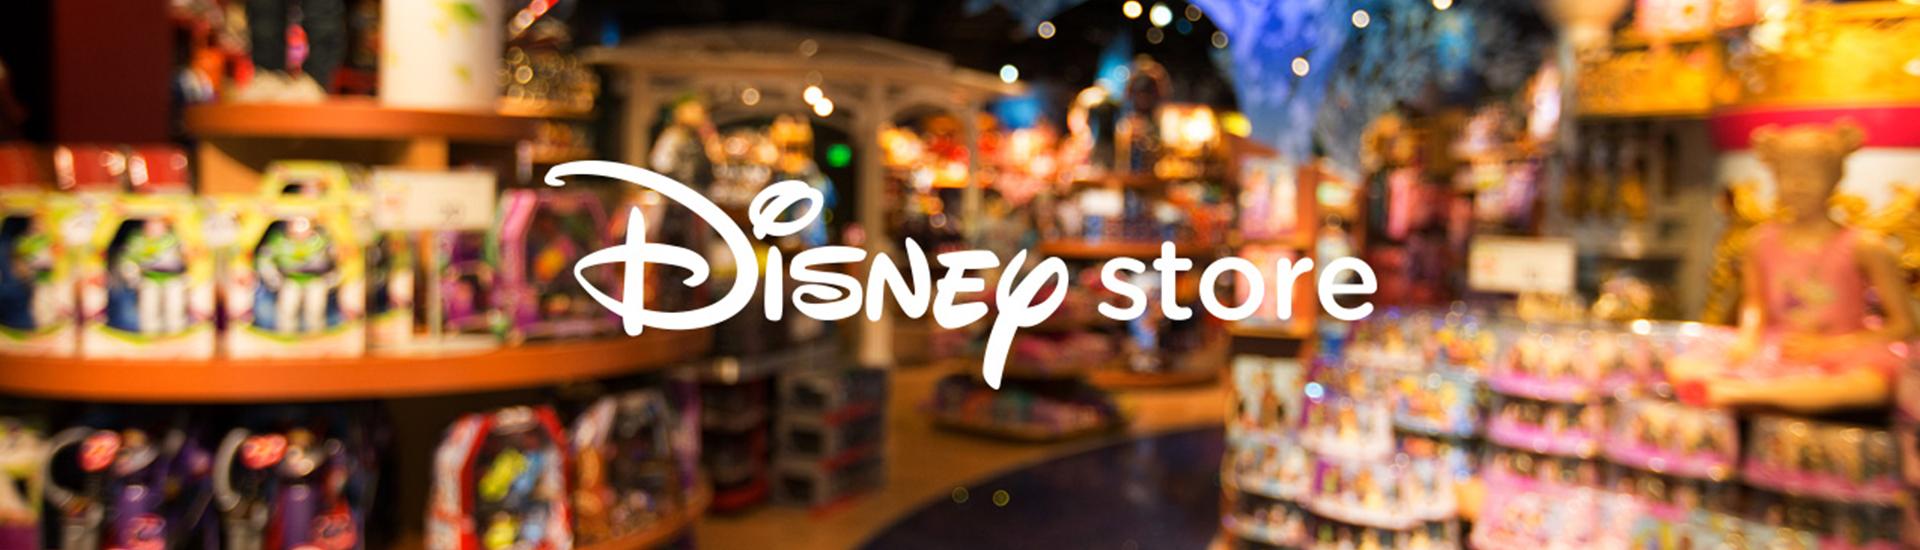 Disney Store'dan Alışveriş